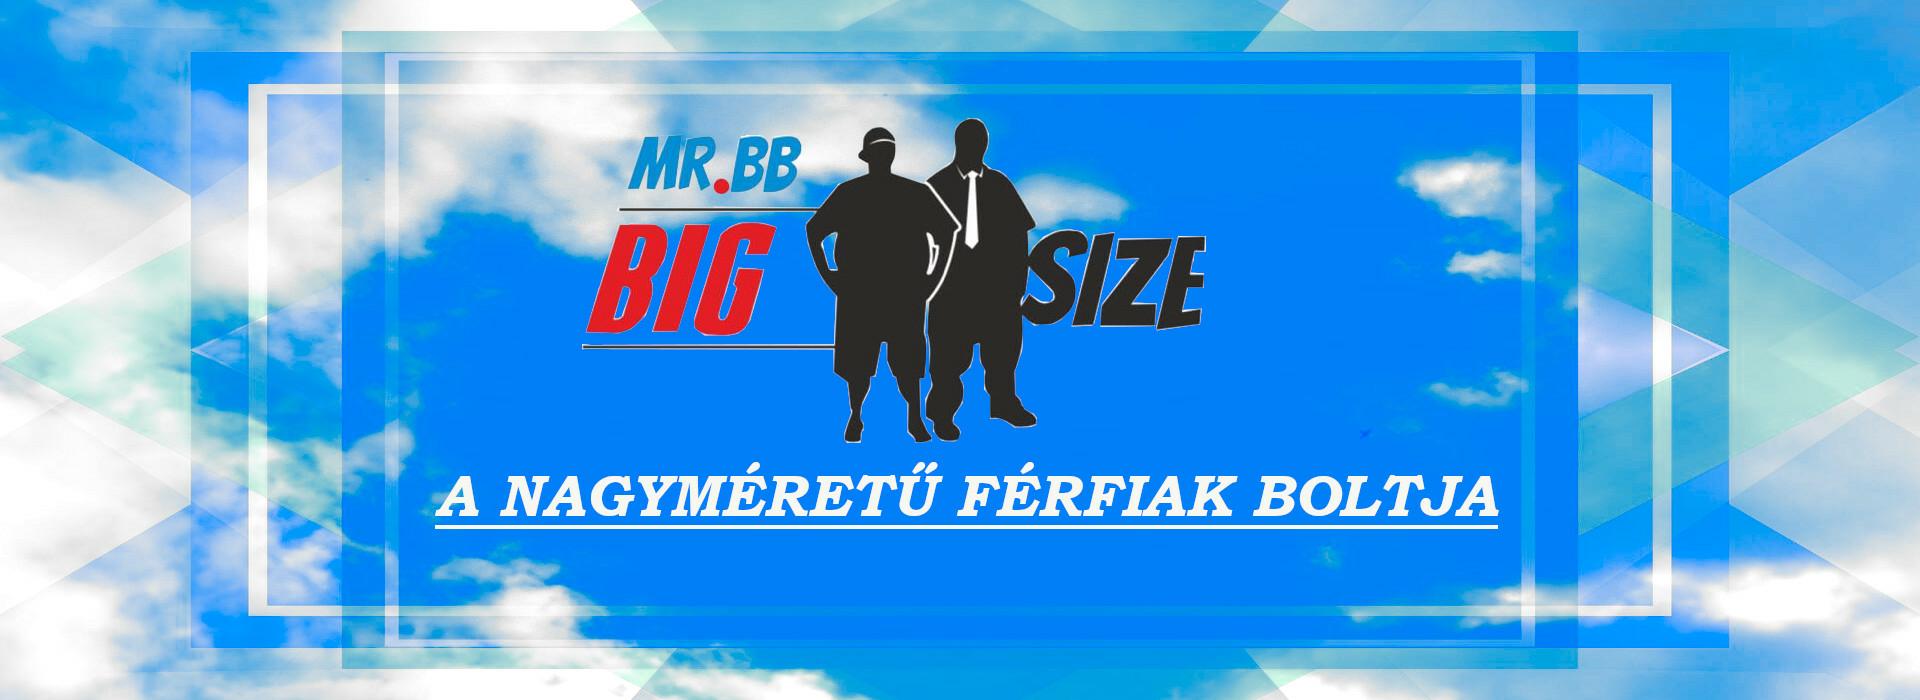 Mr.BB Big Size